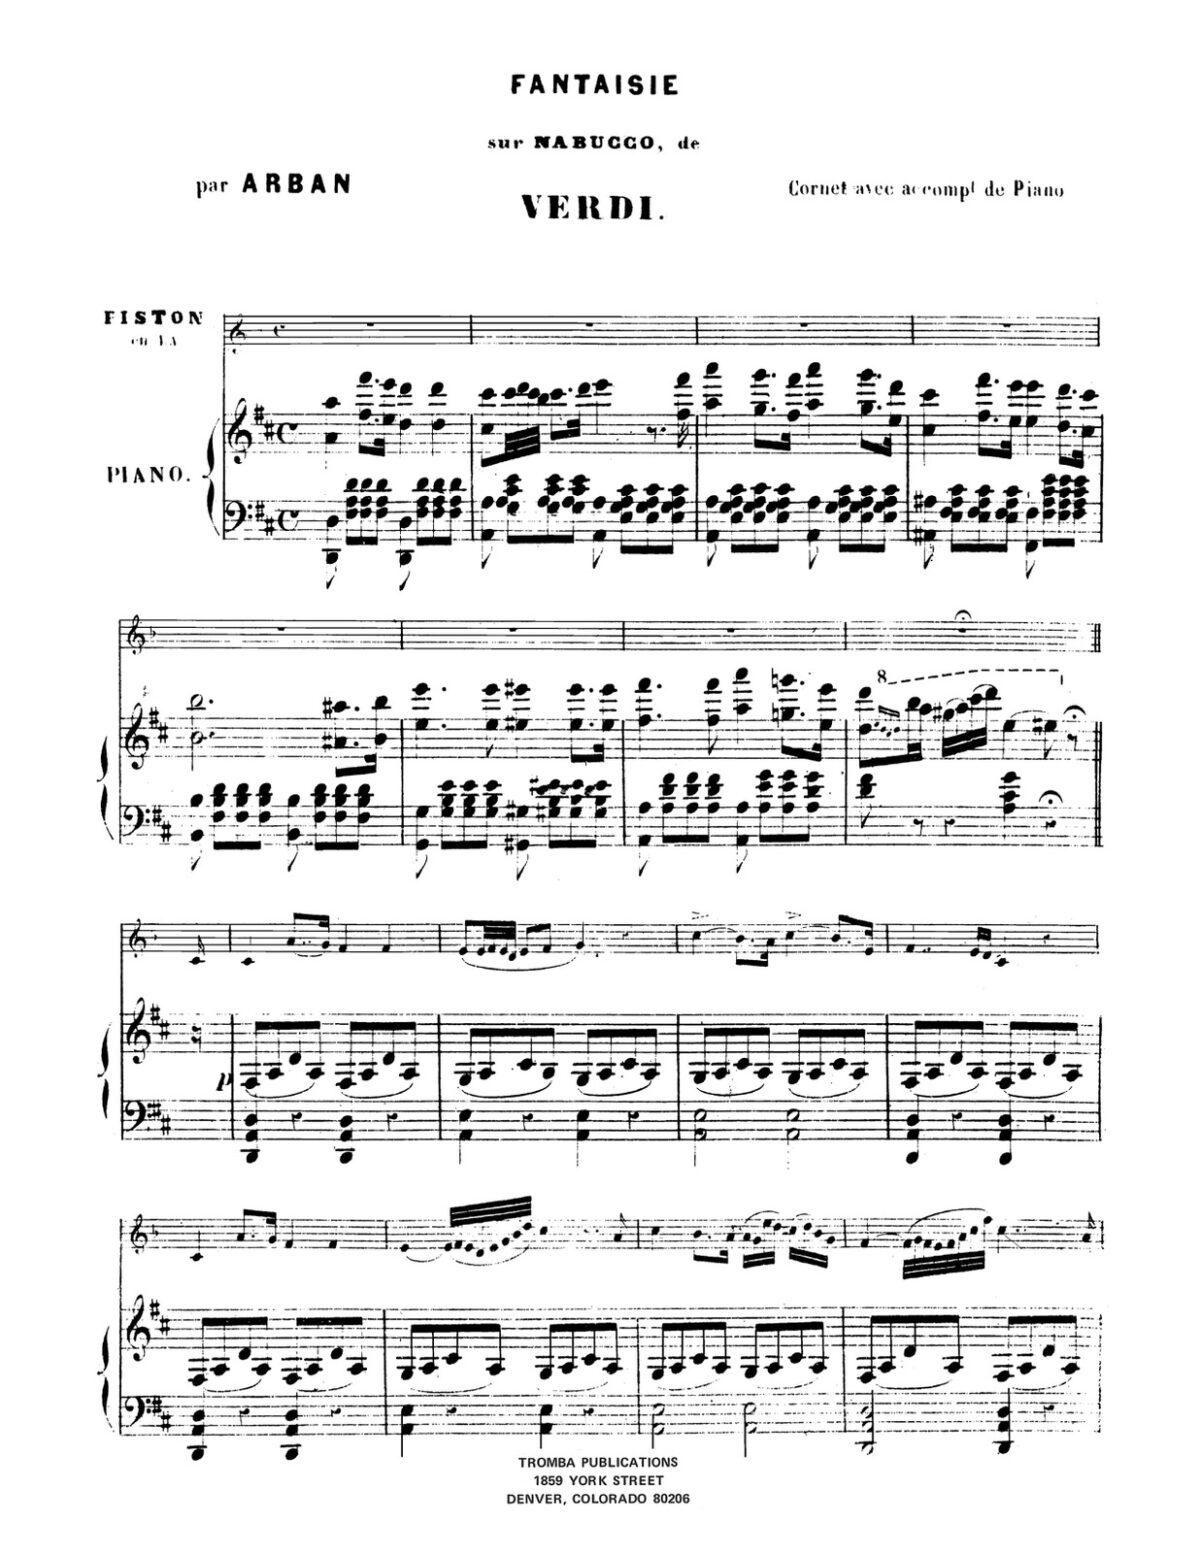 Arban, Fantasie on Verdi's Nabucco-p5